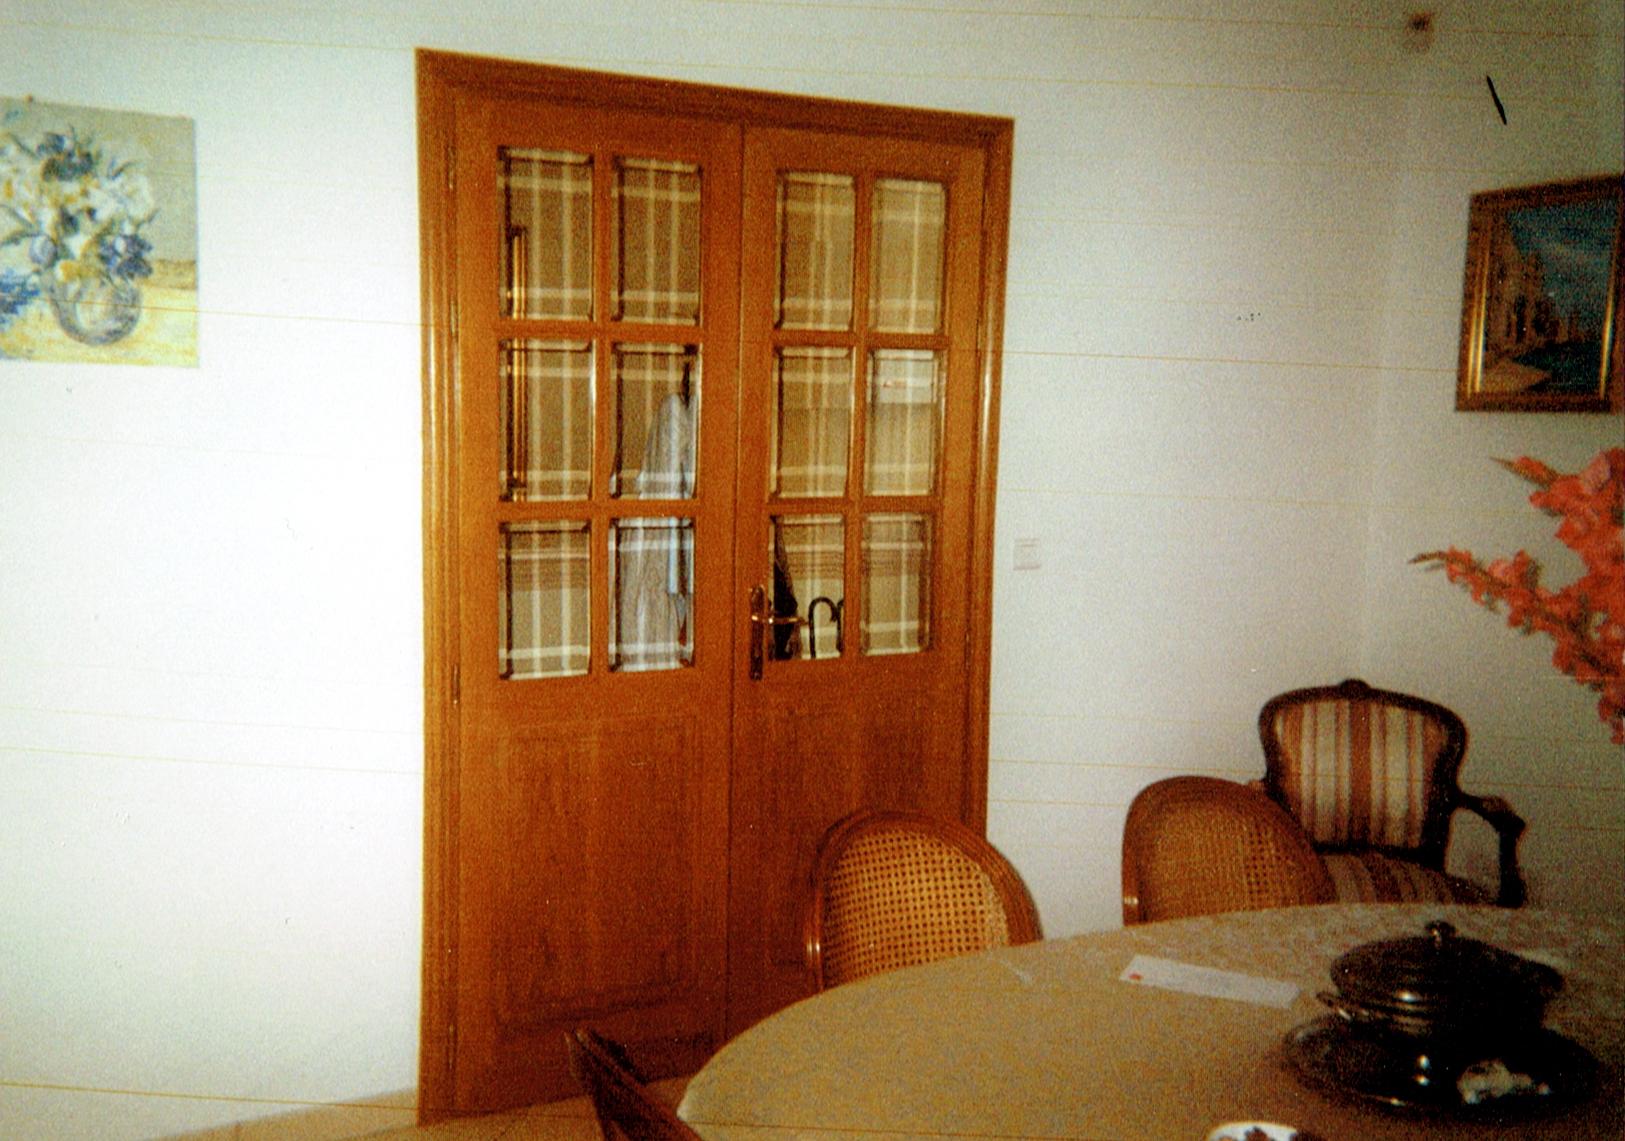 menuiserie durieux r alisations double porte de salon. Black Bedroom Furniture Sets. Home Design Ideas